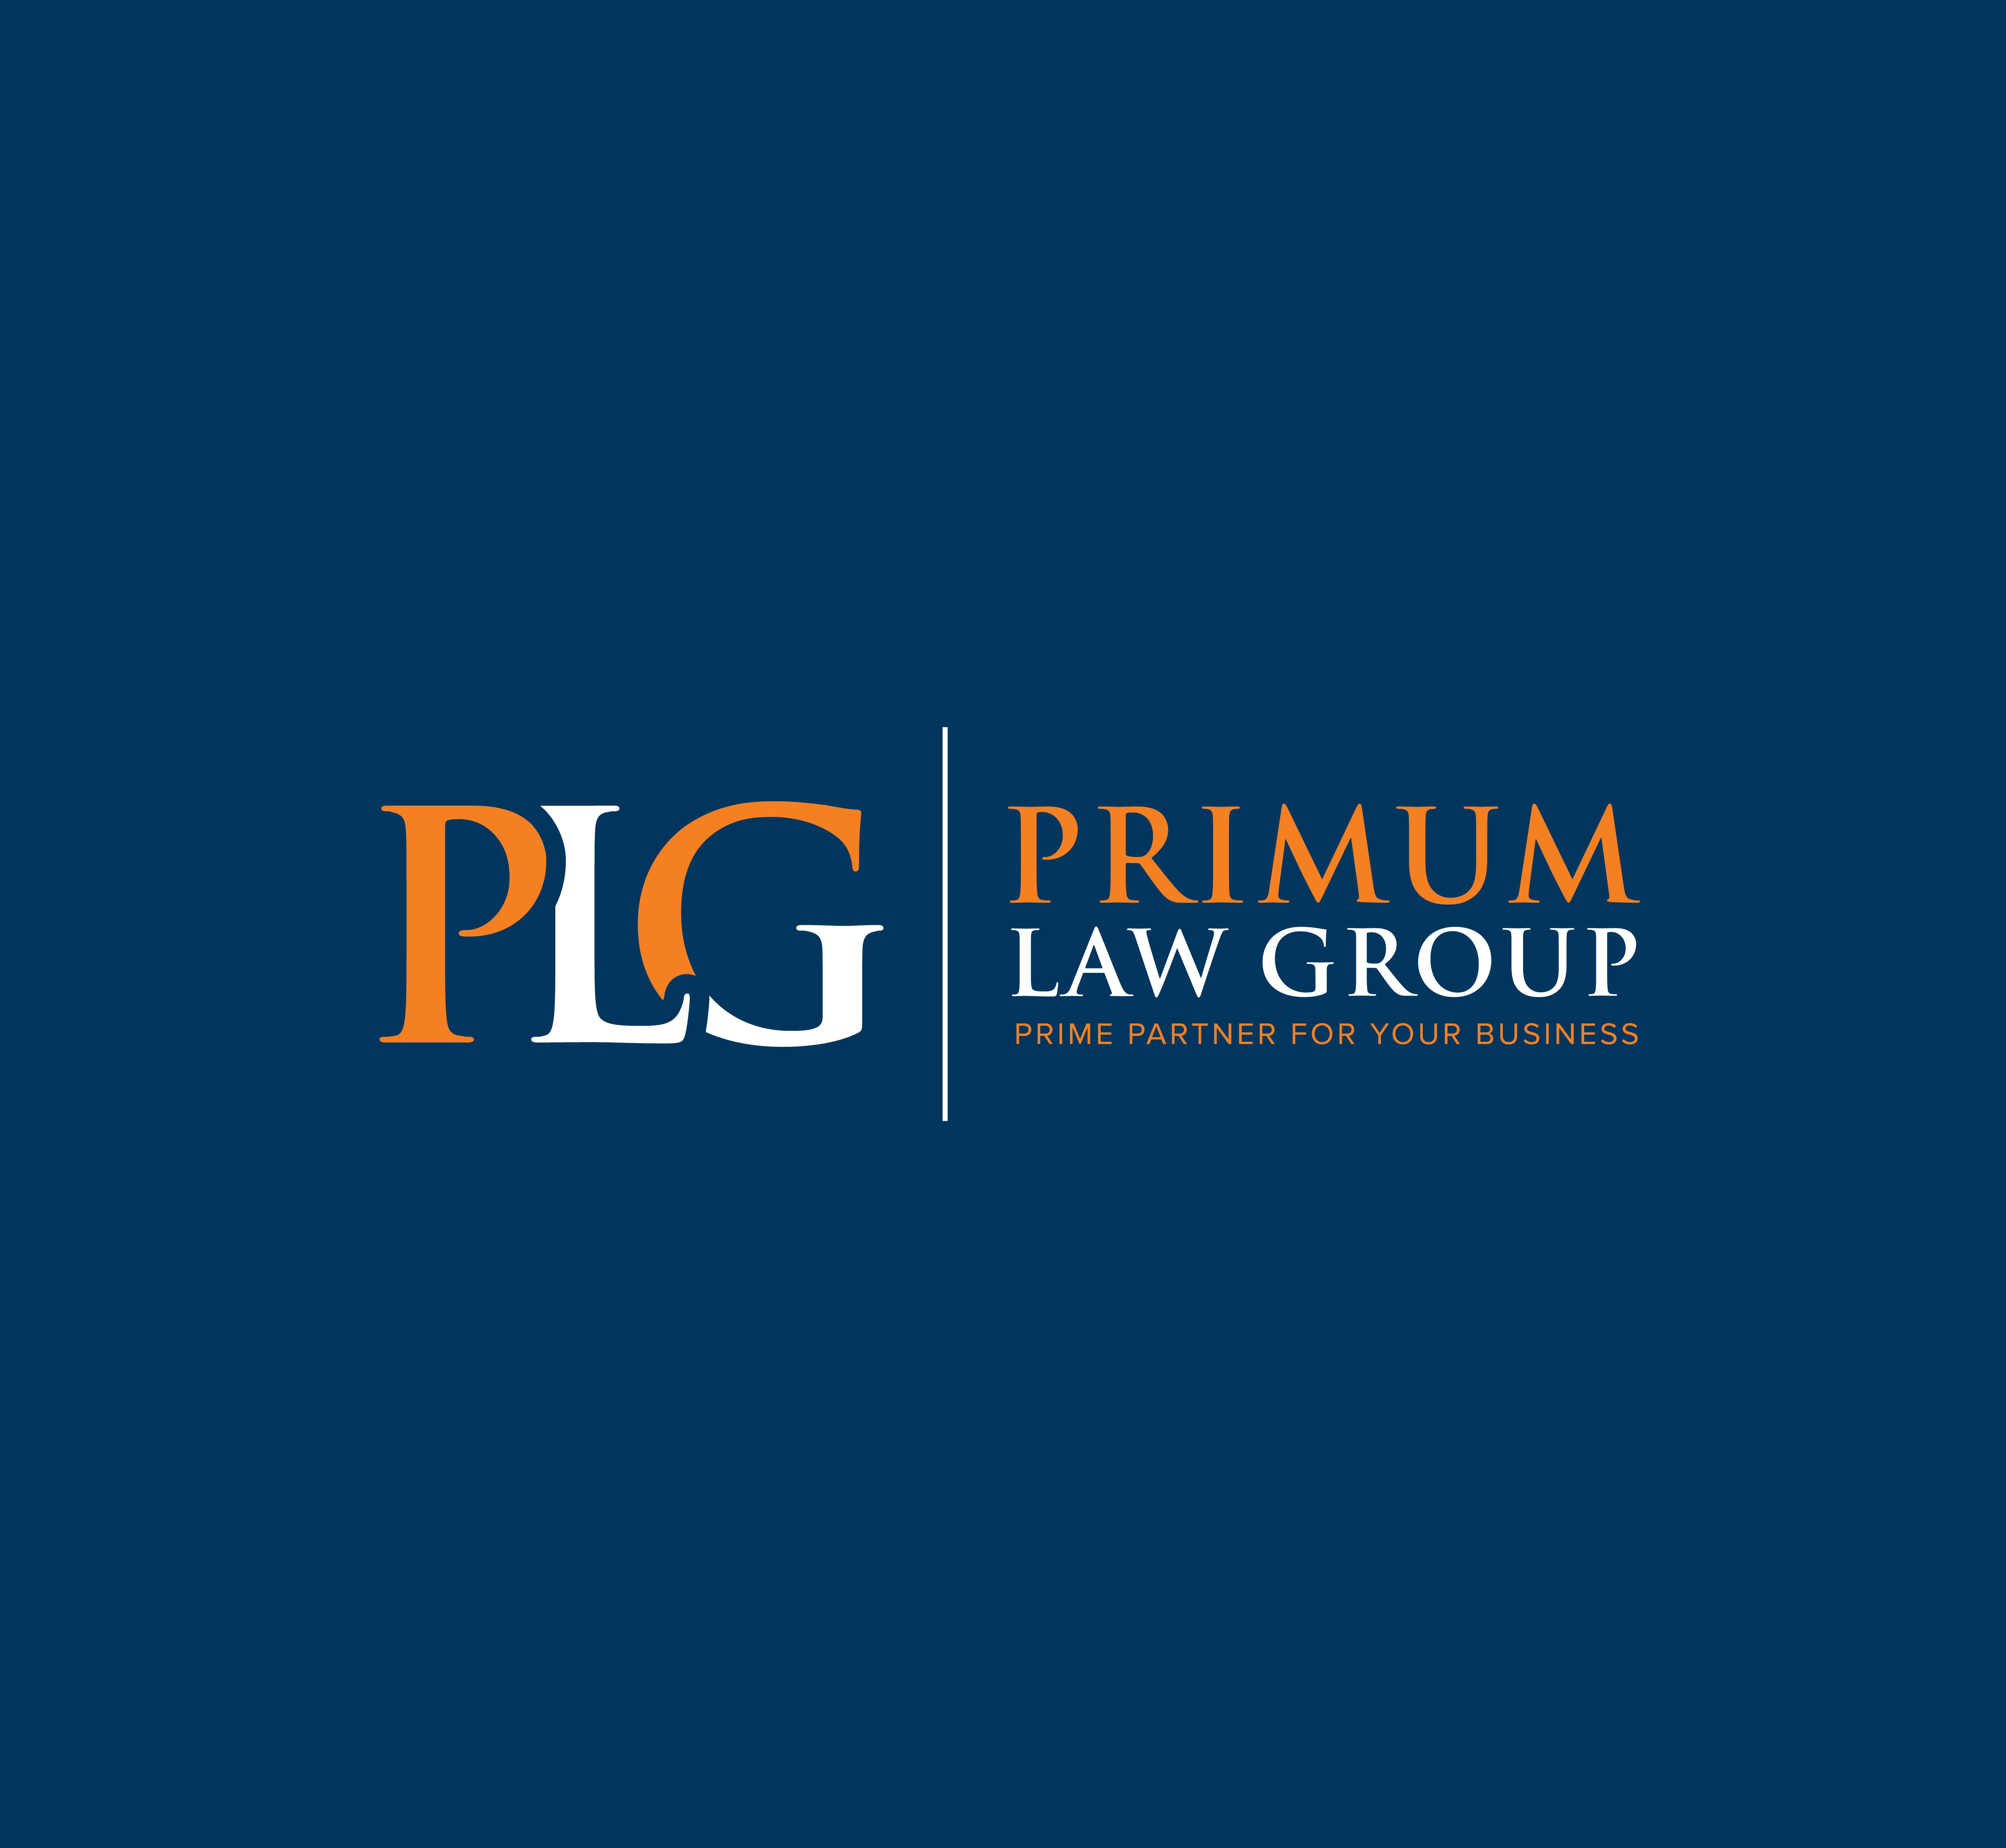 Primum Law Group